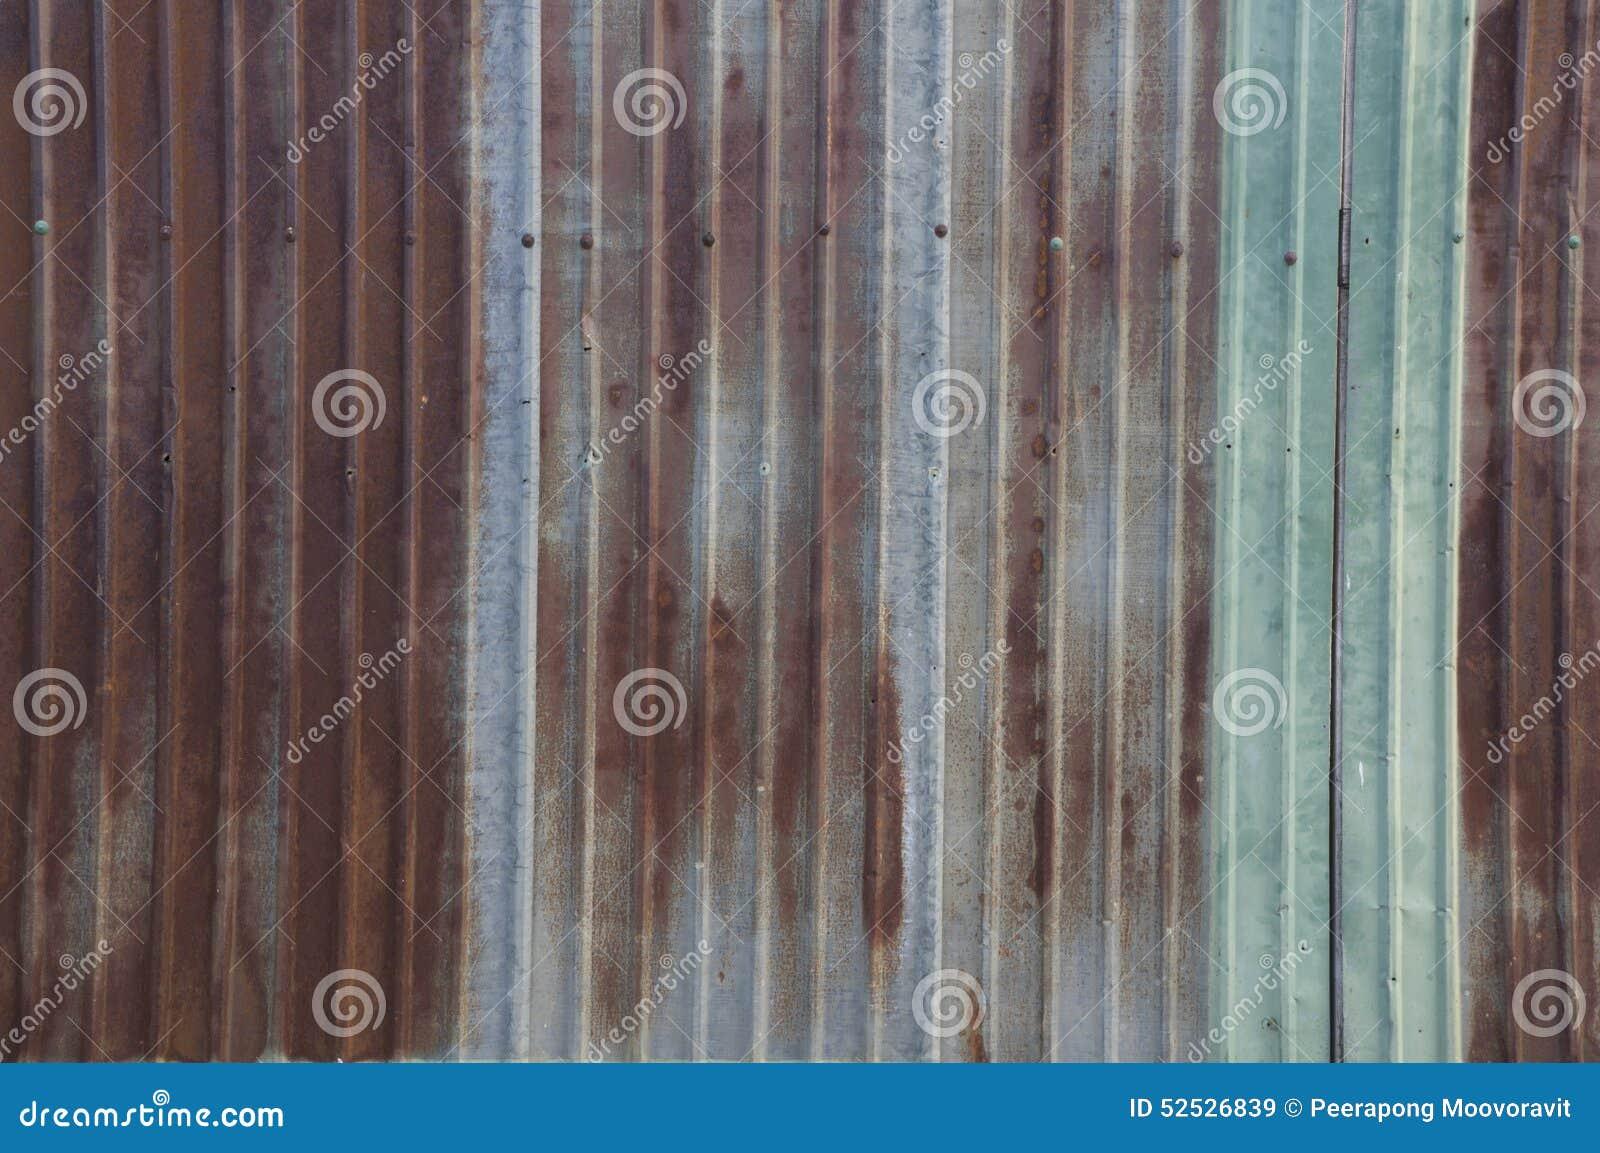 Concetto rustico della casa della casa della parete della ruggine della lamina di metallo